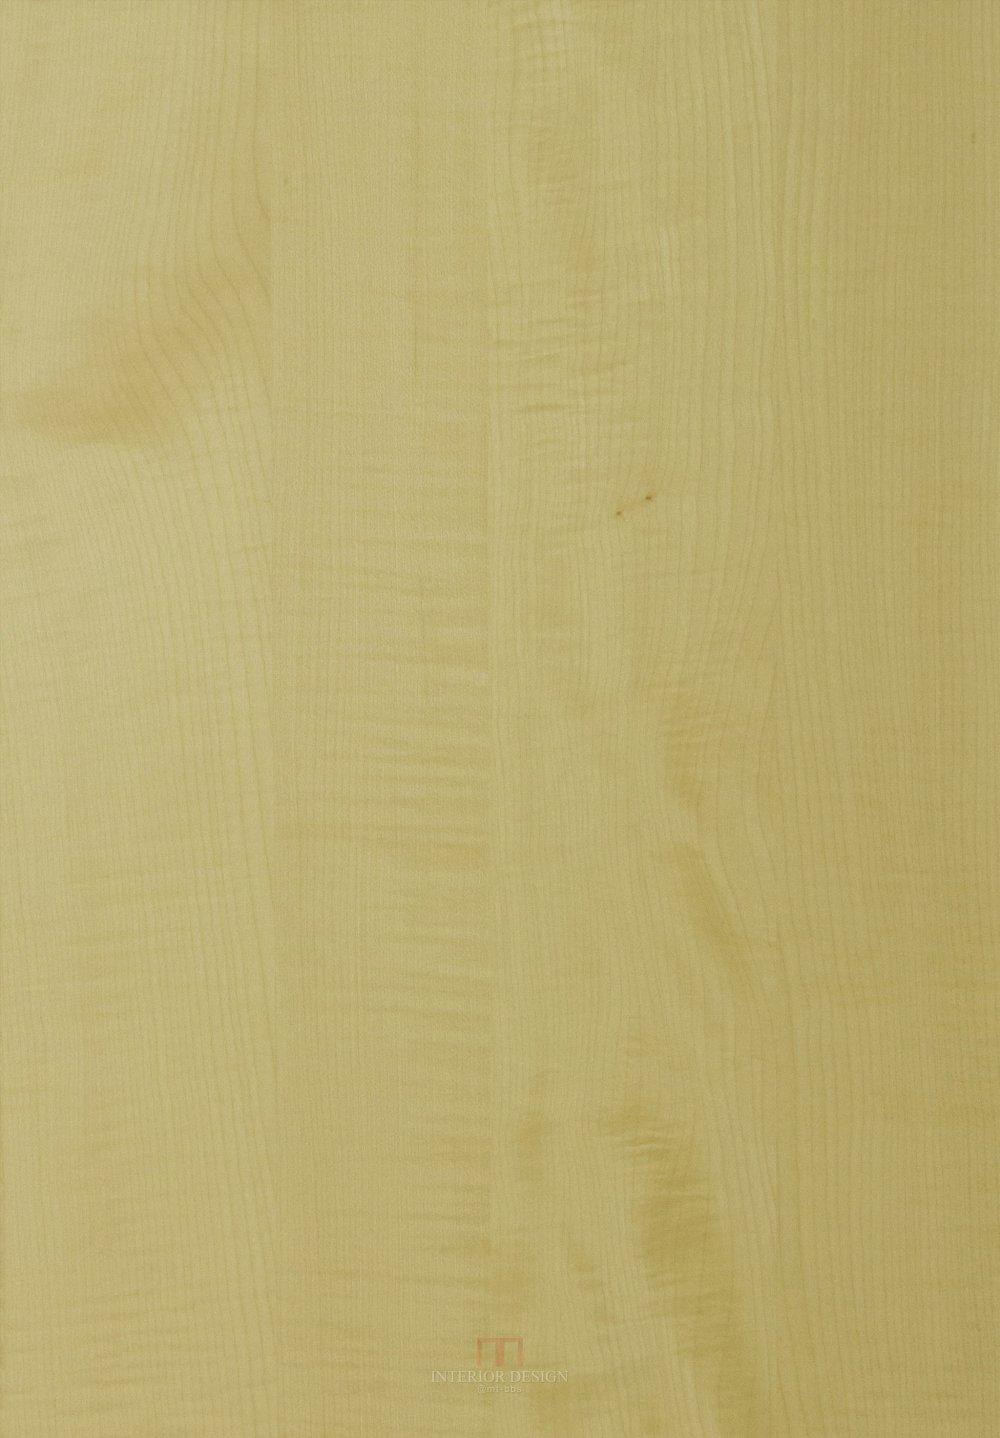 天然木纹_K6127AU_f0603.jpg